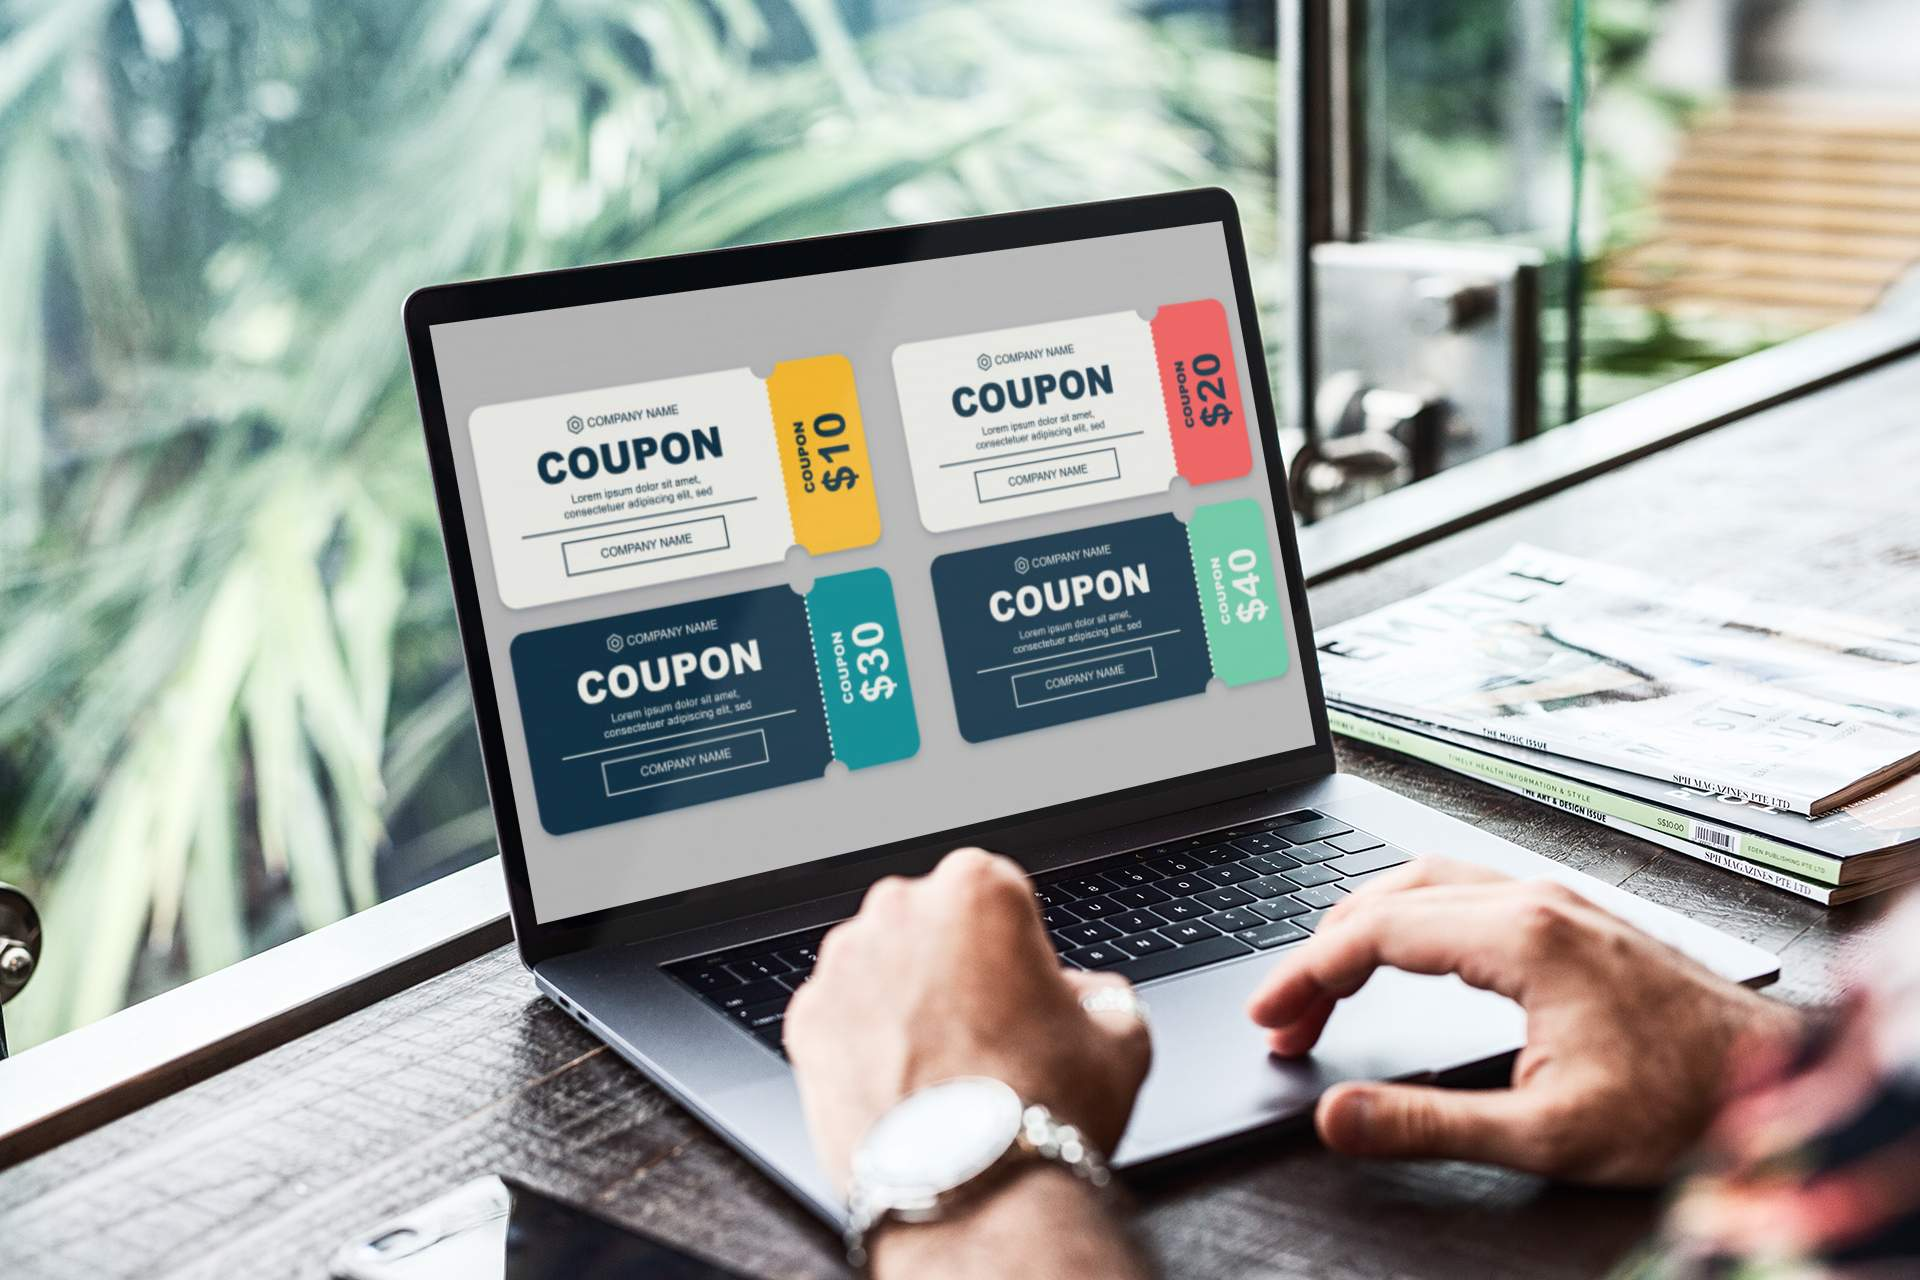 ¿Cómo crear un código de descuento en Shopify?